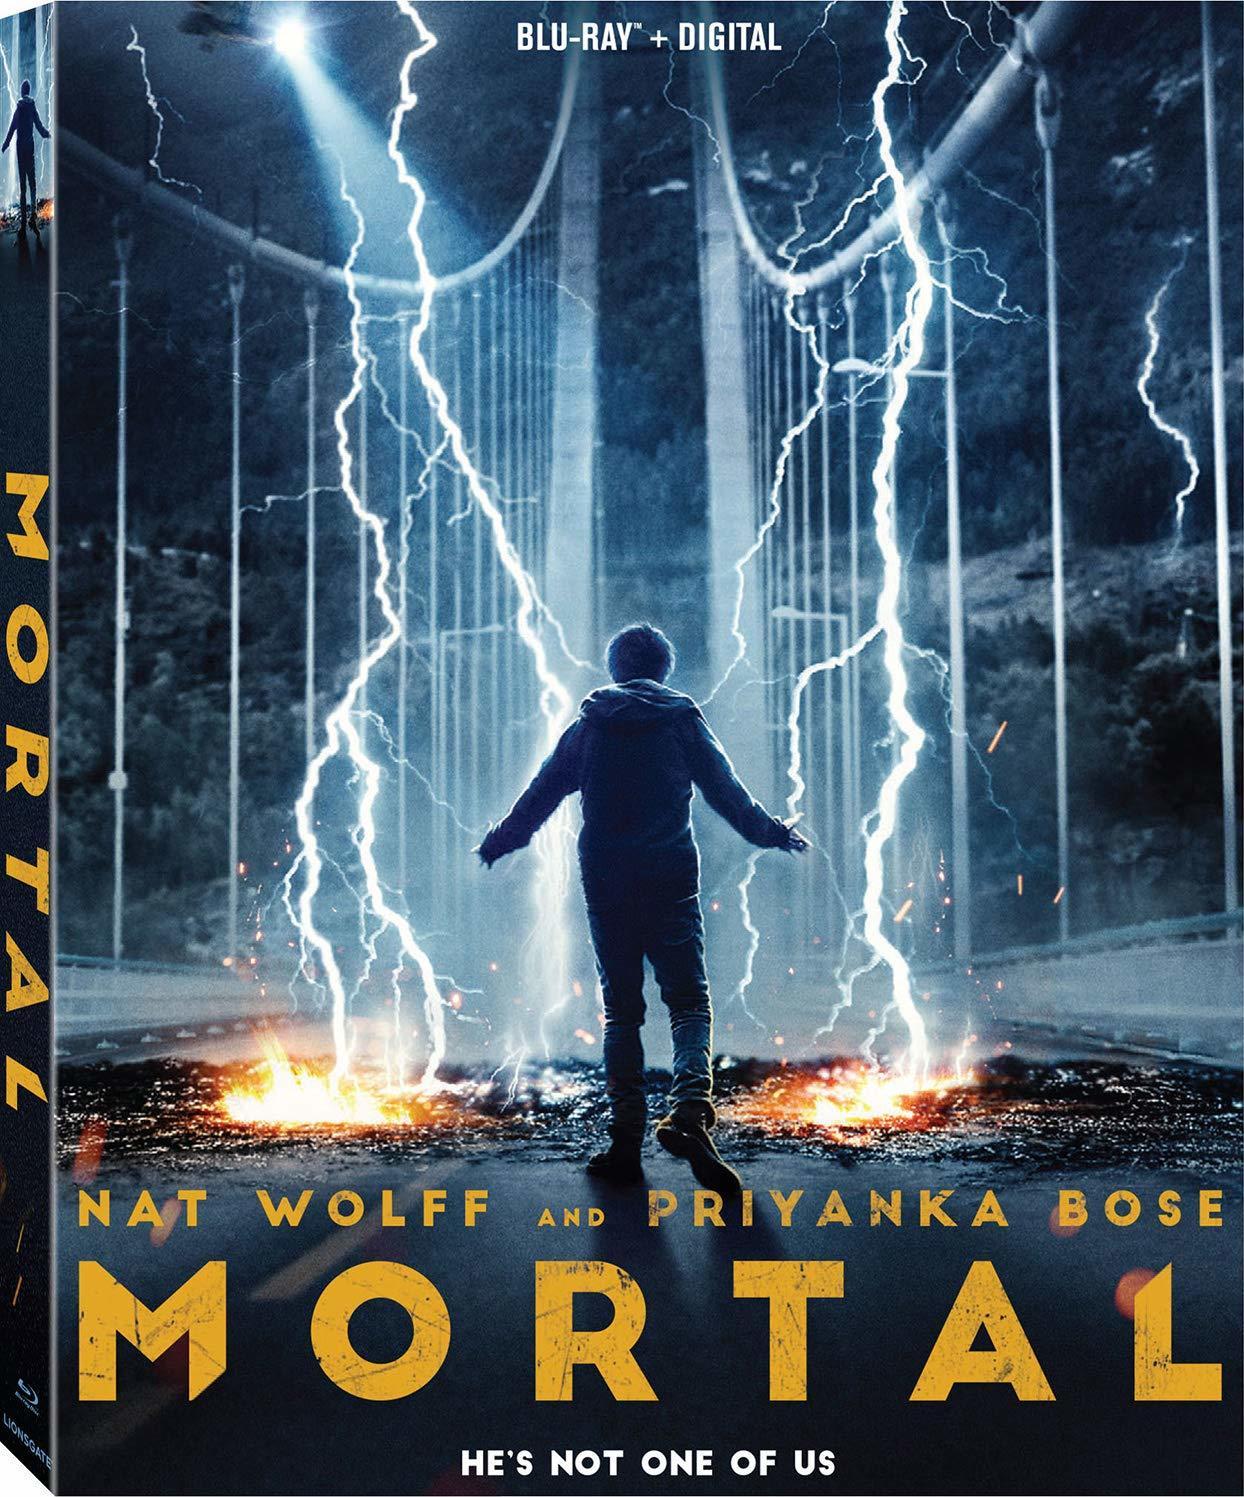 超能追缉/凡人烦人/超能追缉(台) 简繁英字幕 Mortal 2020 BluRay 1080p DTS-HDMA5.1 x265.10bit-CHD